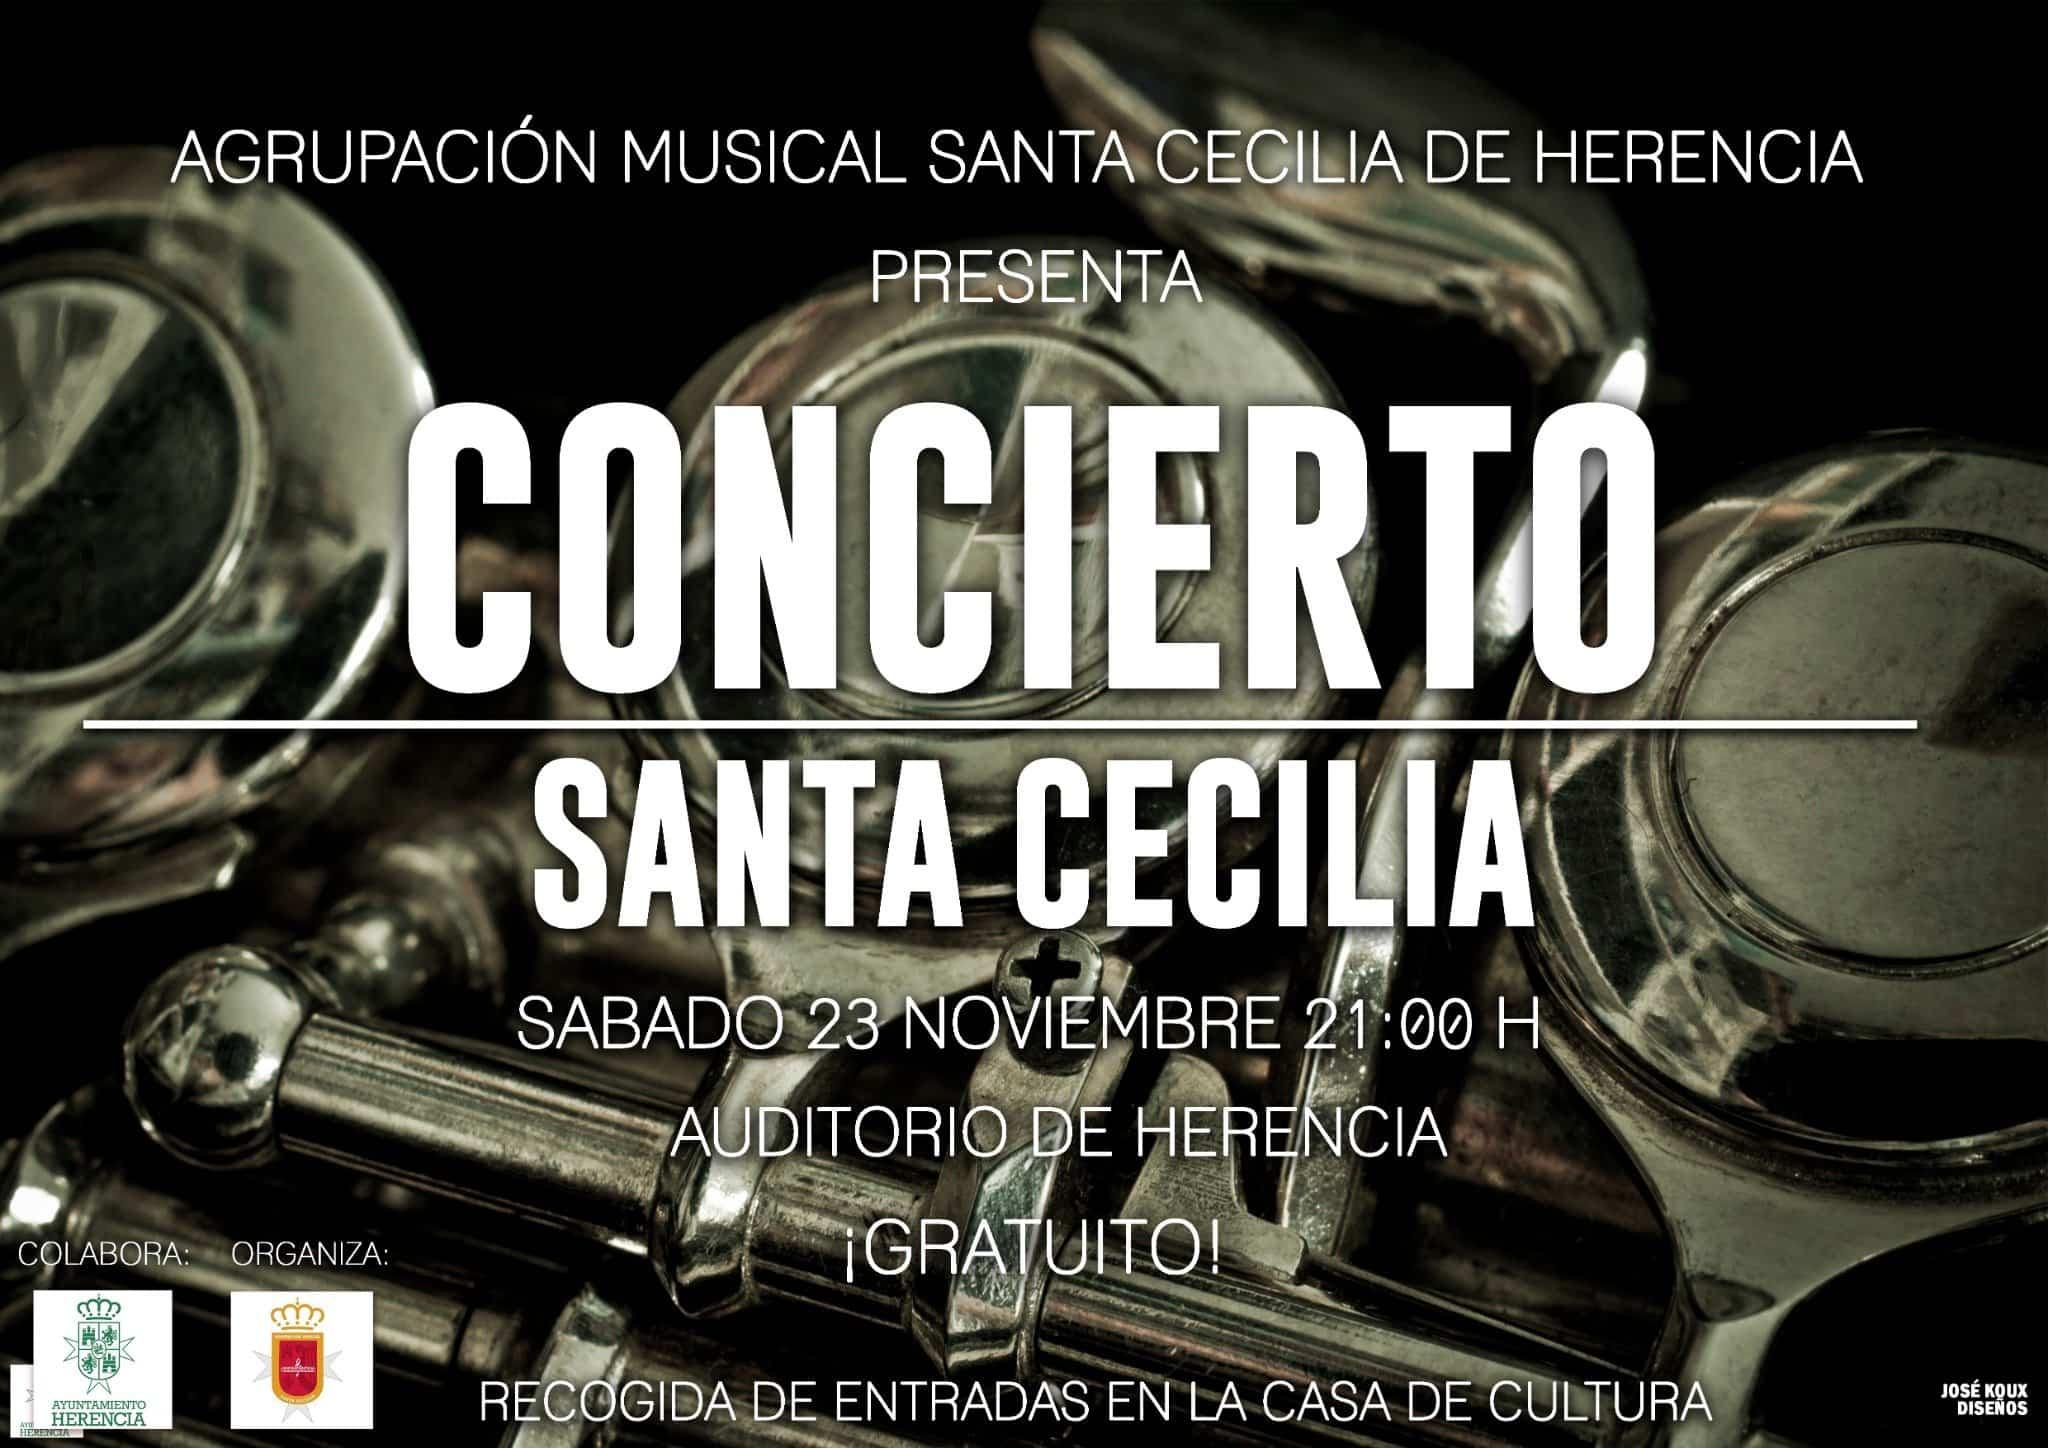 Concierto y actos de la agrupación musical Santa Cecilia de Herencia 3